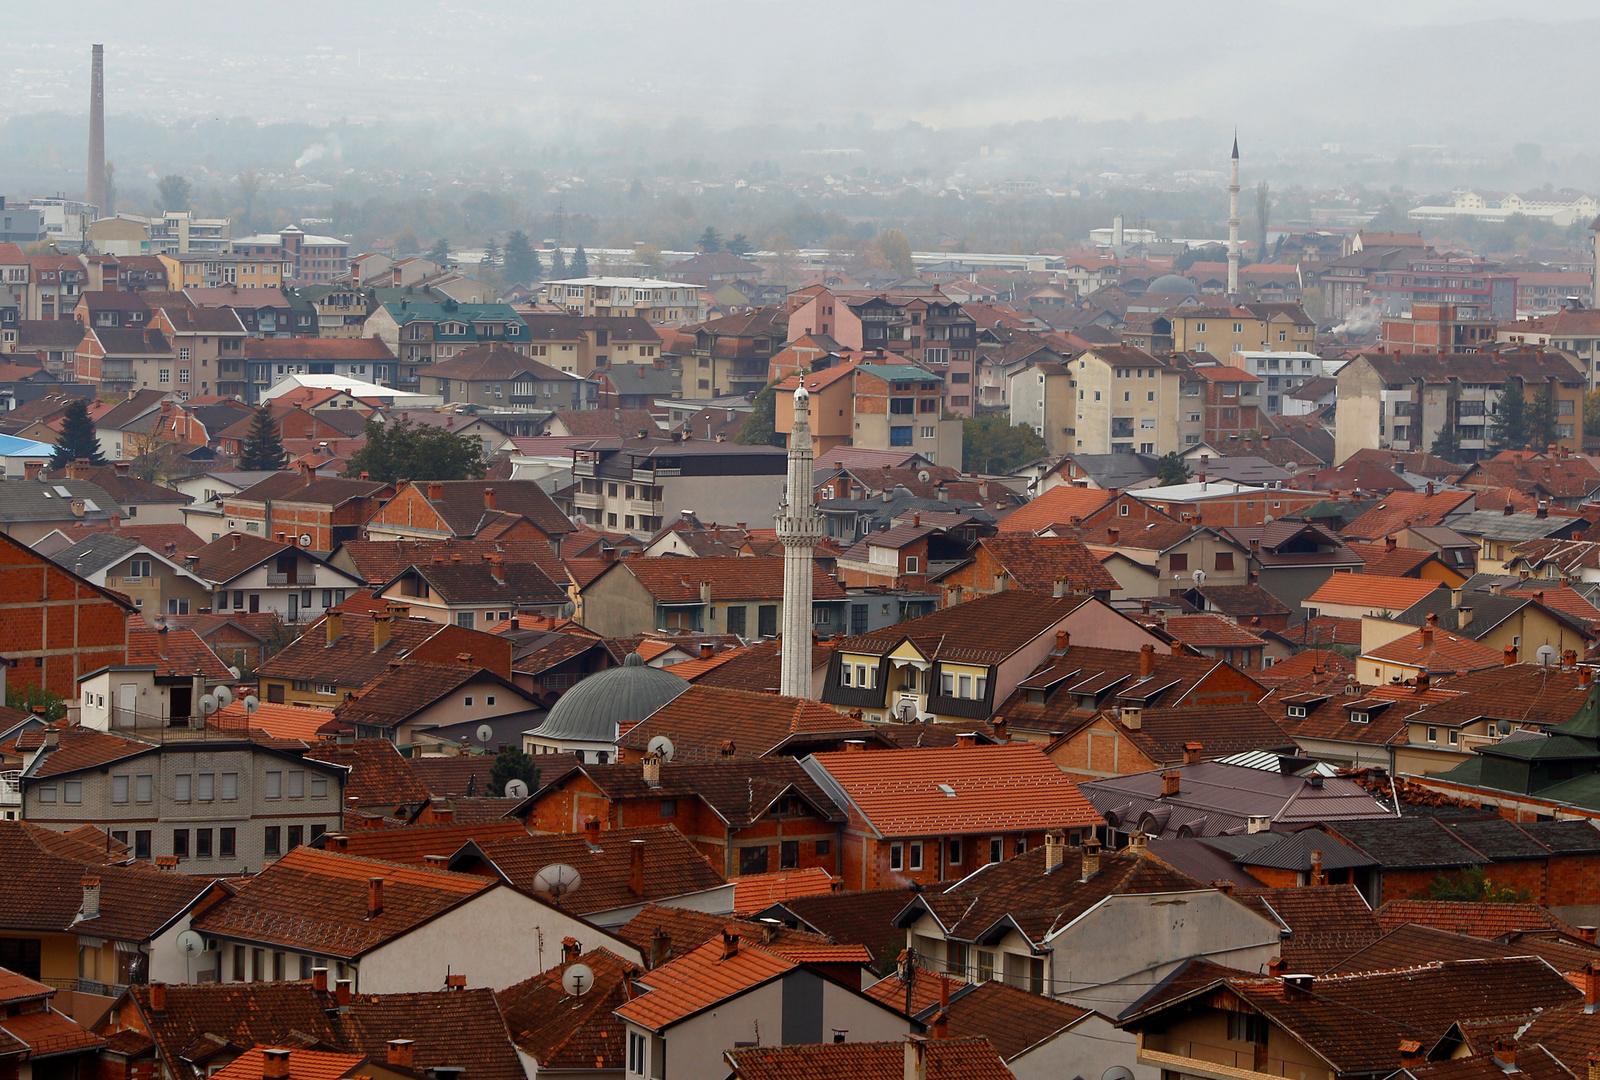 مصرع 14 شخصا جراء حريق في مستشفى كورونا في مقدونيا الشمالية